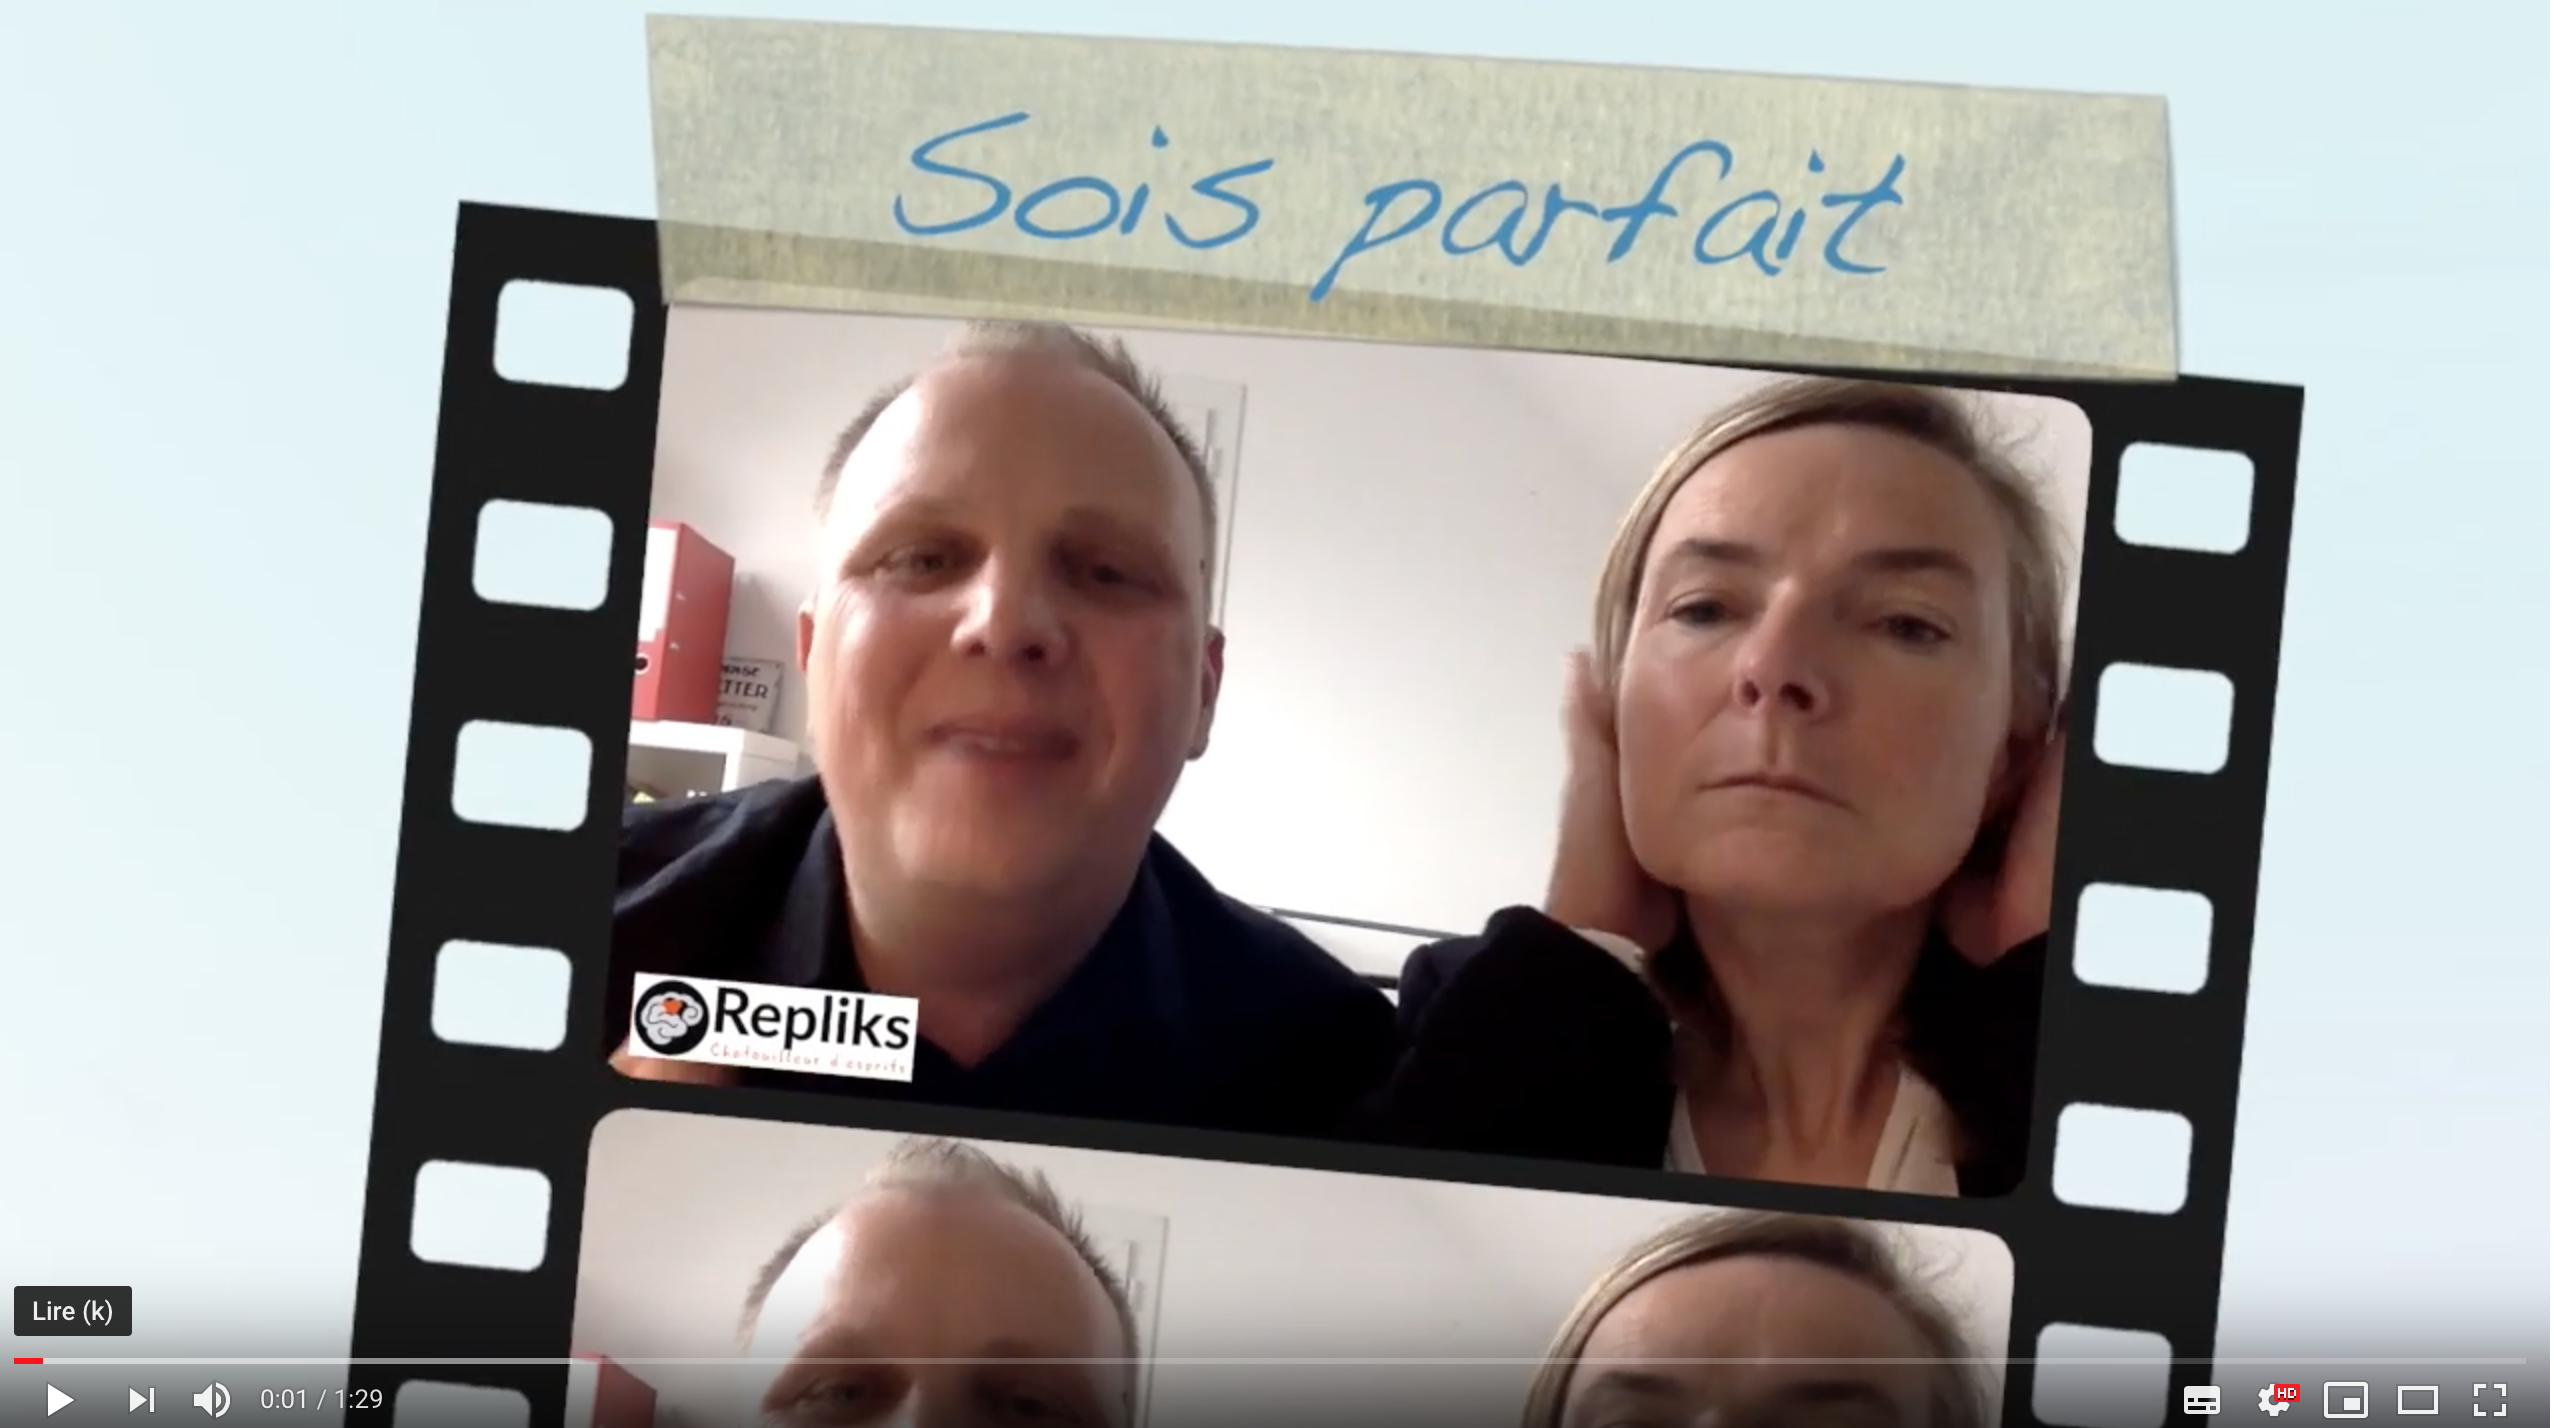 Sois parfait !! by Repliks